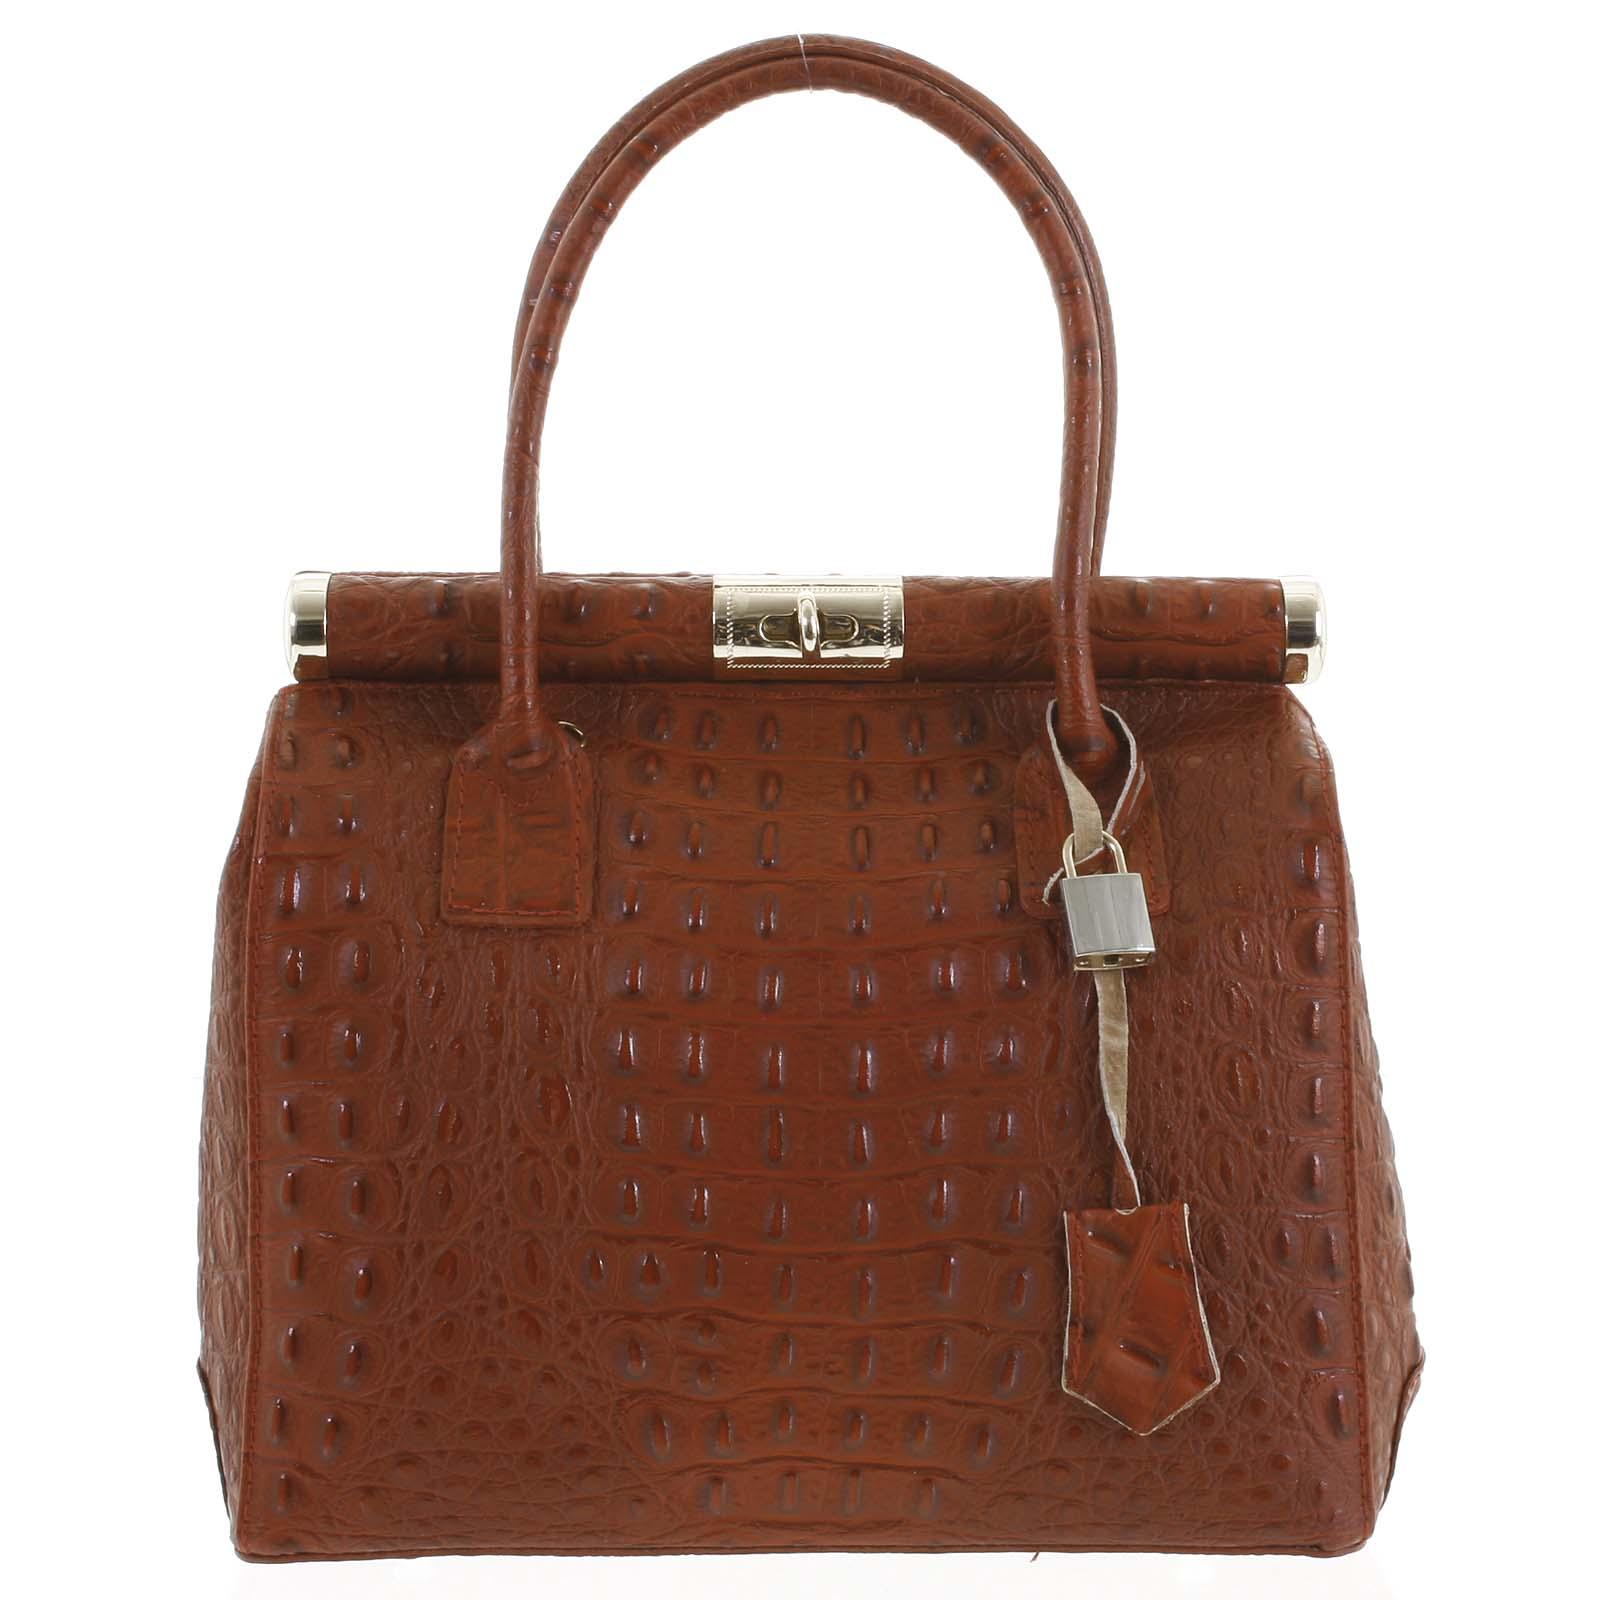 Luxusná dámska kožená kabelka do ruky tmavo červená - ItalY Hyla Kroko červená